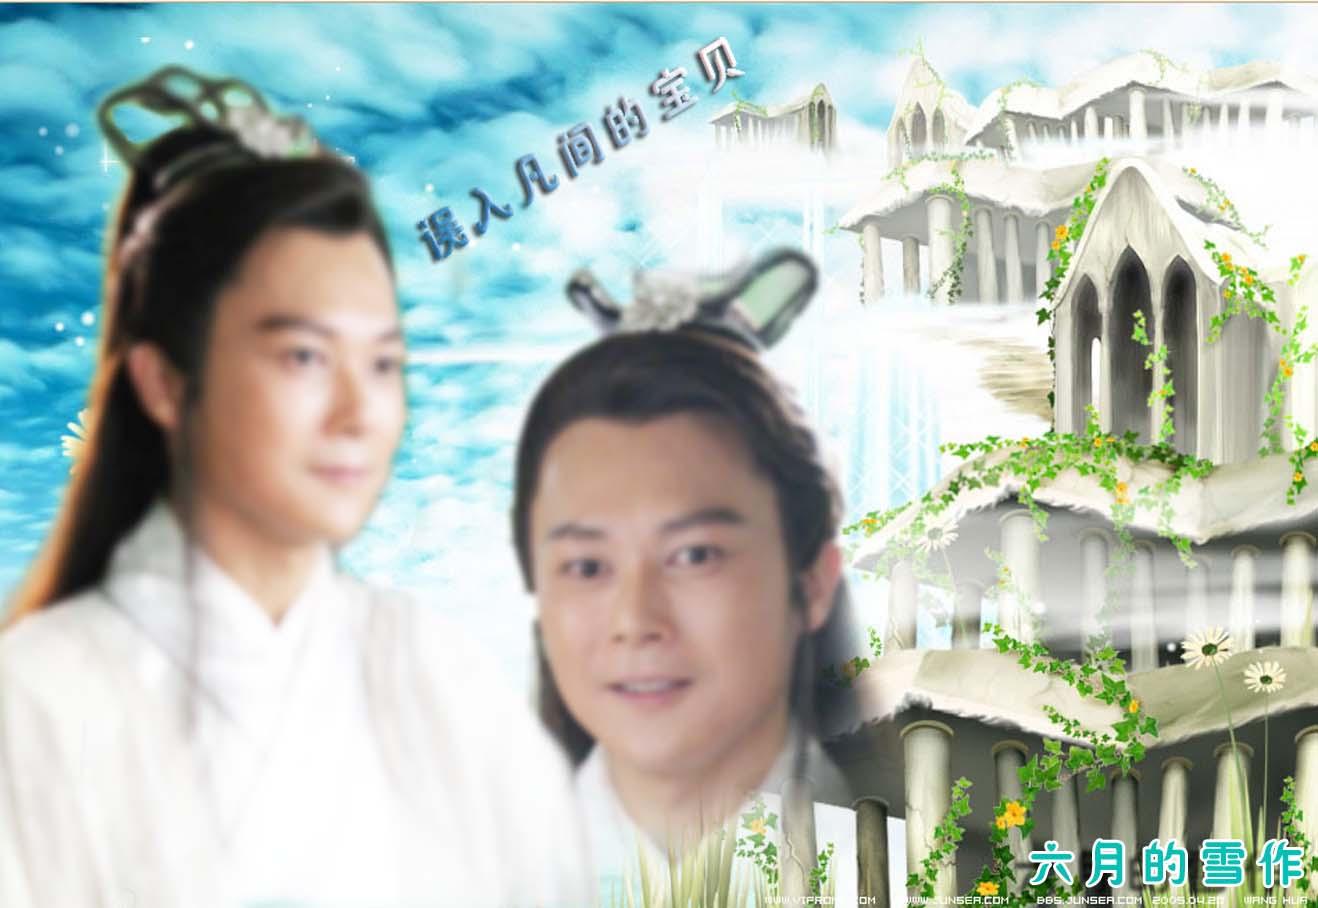 龙行天下第三部主演:王灿 2009年:《龙行天下 2009年:《龙行天下》